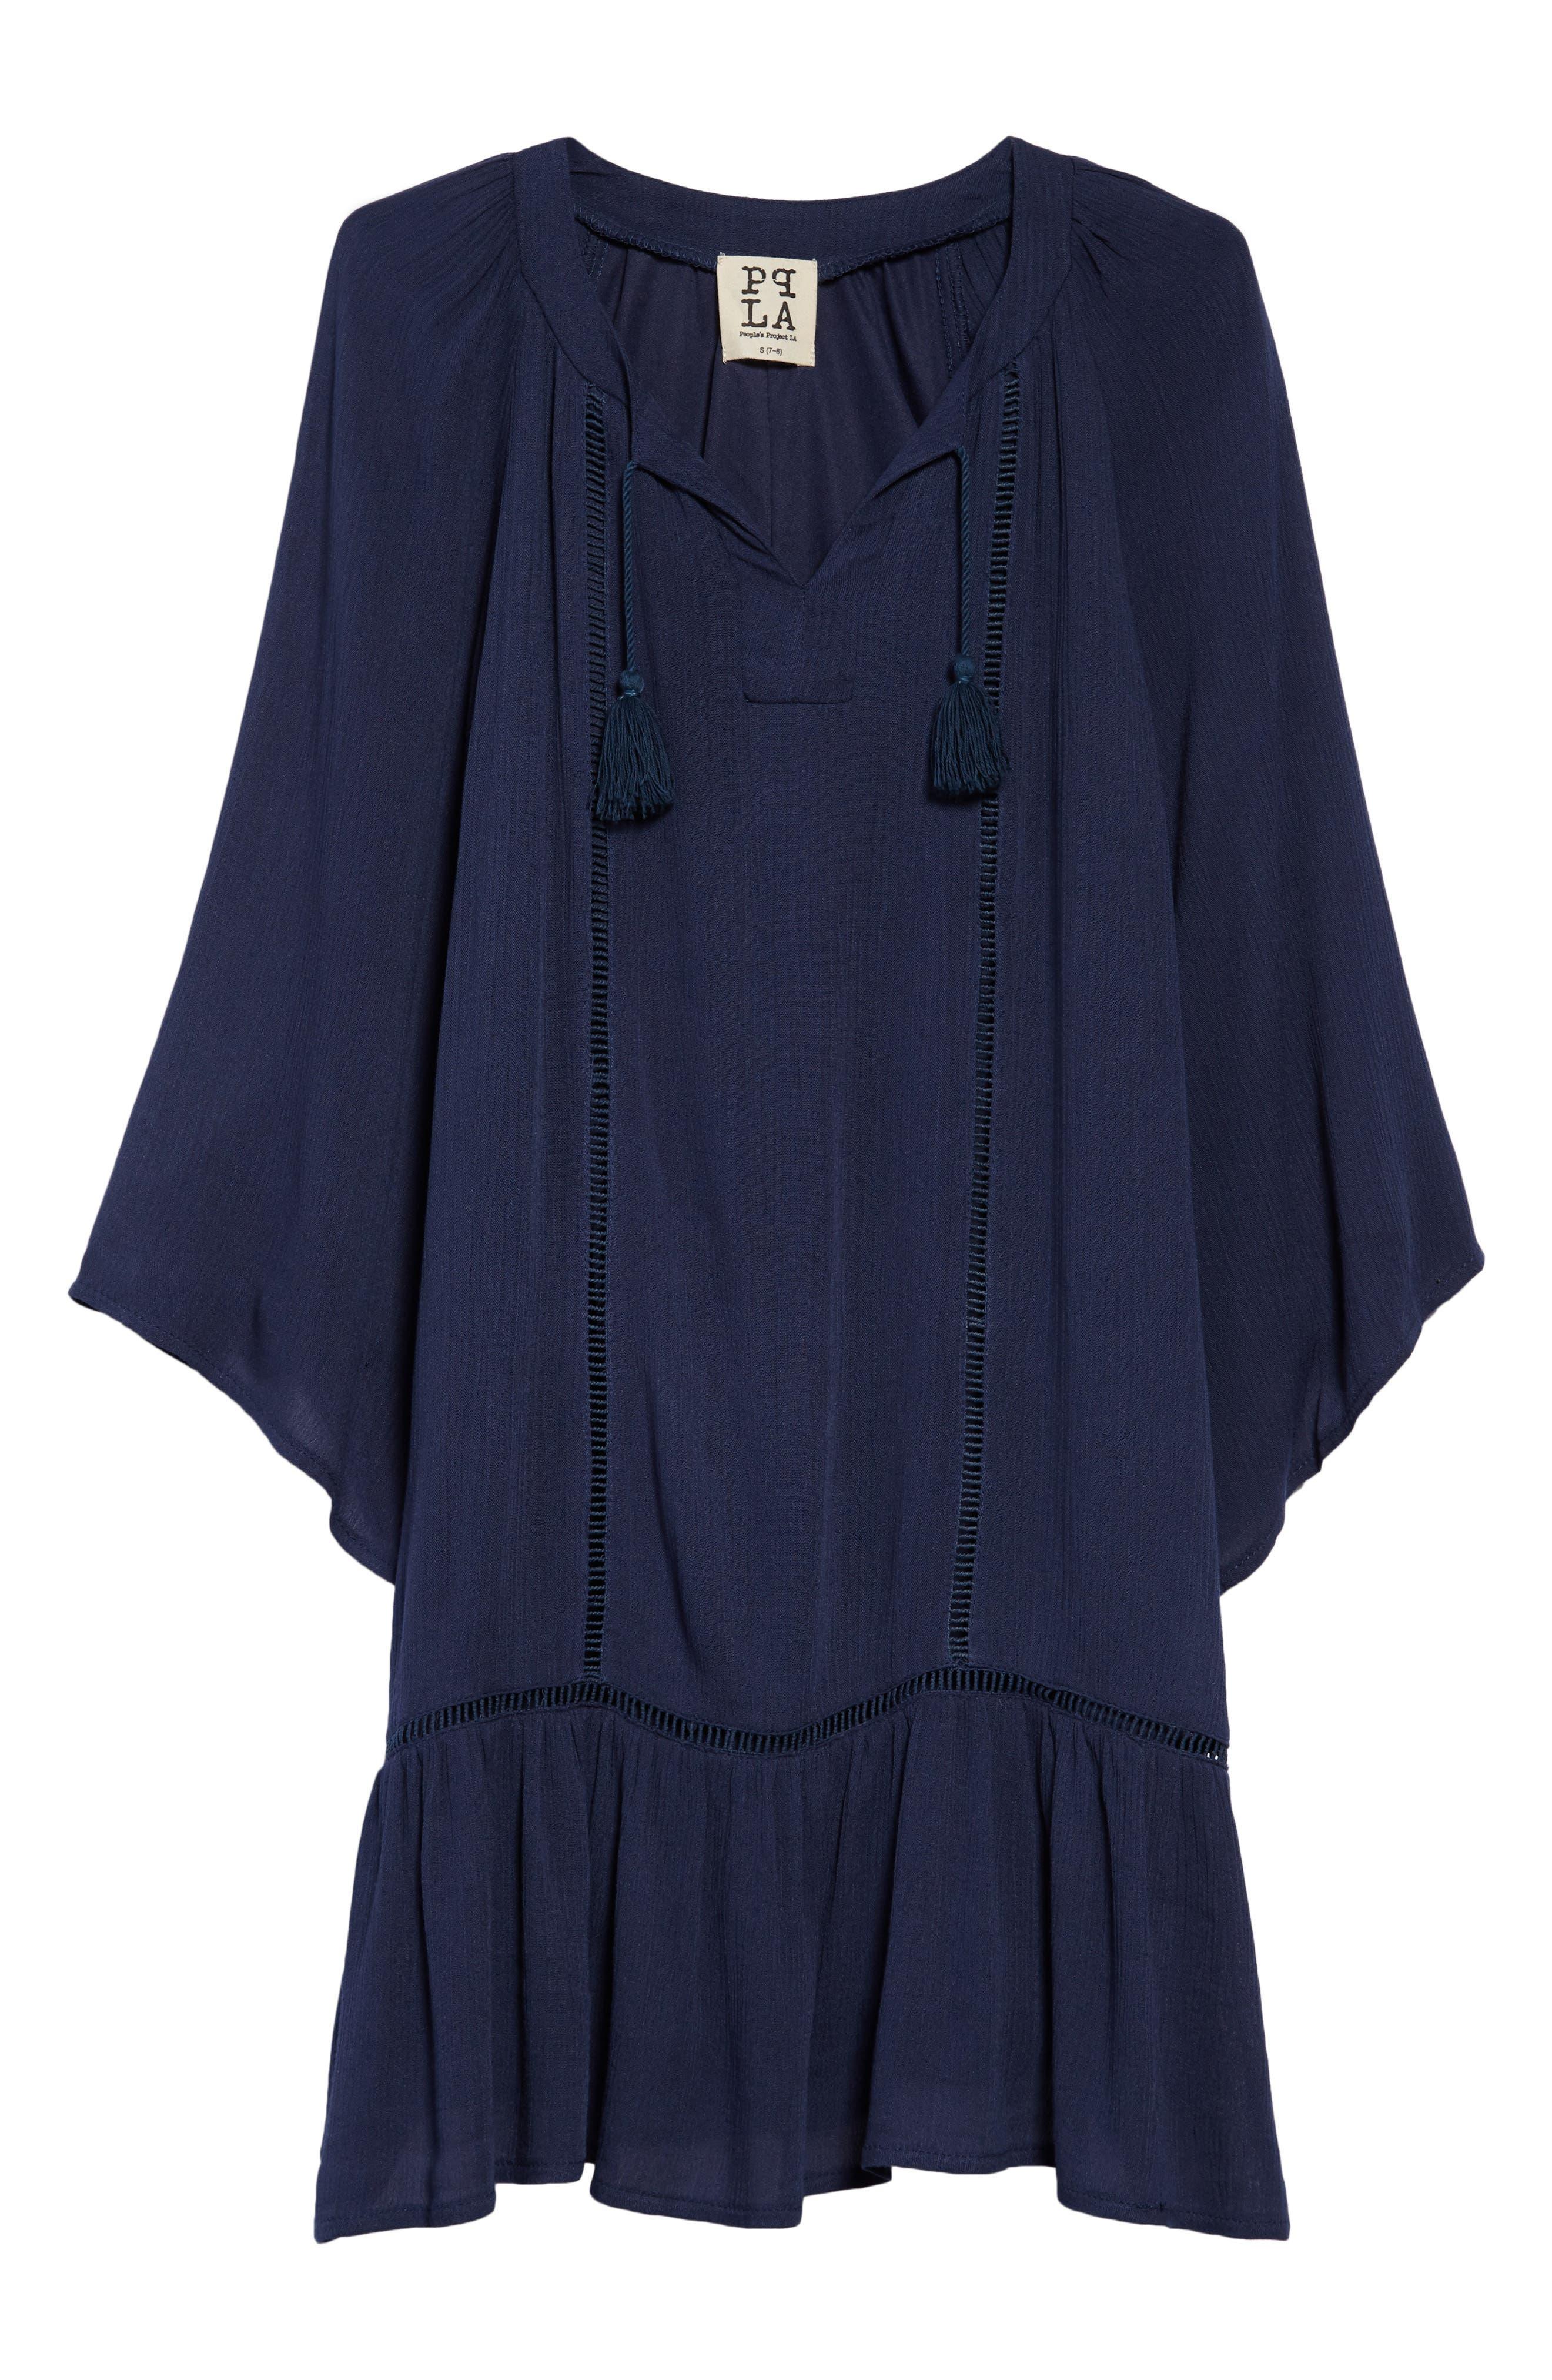 Vivienne Dress,                             Main thumbnail 1, color,                             Navy